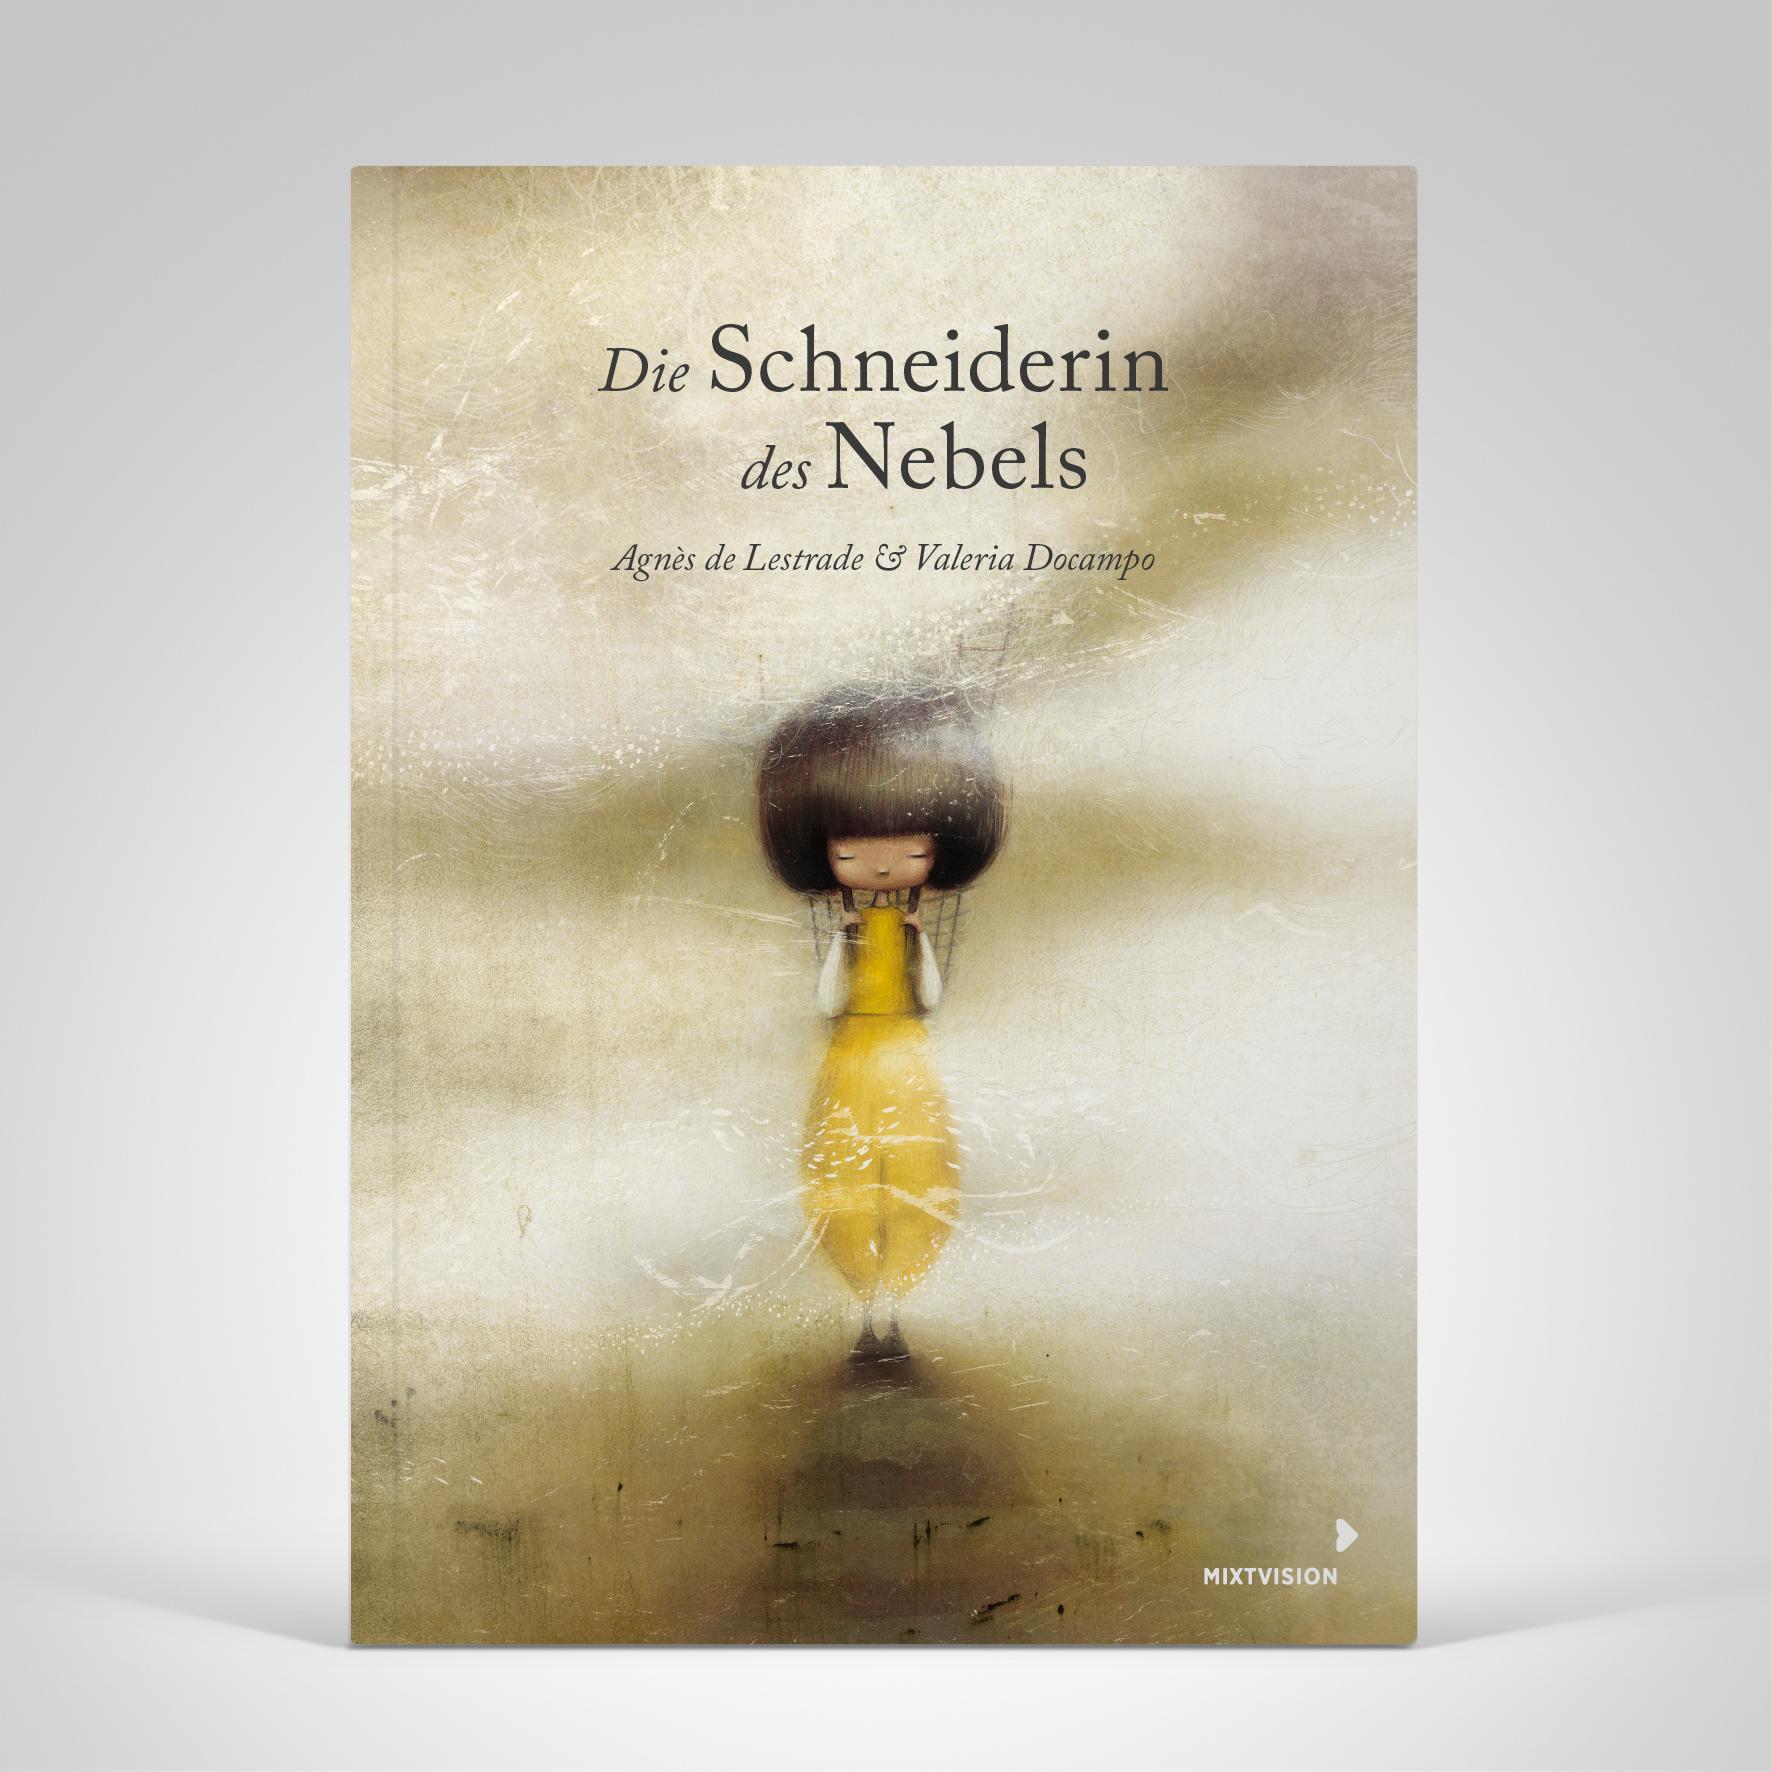 Die Schneiderin des Nebels, Titelbild